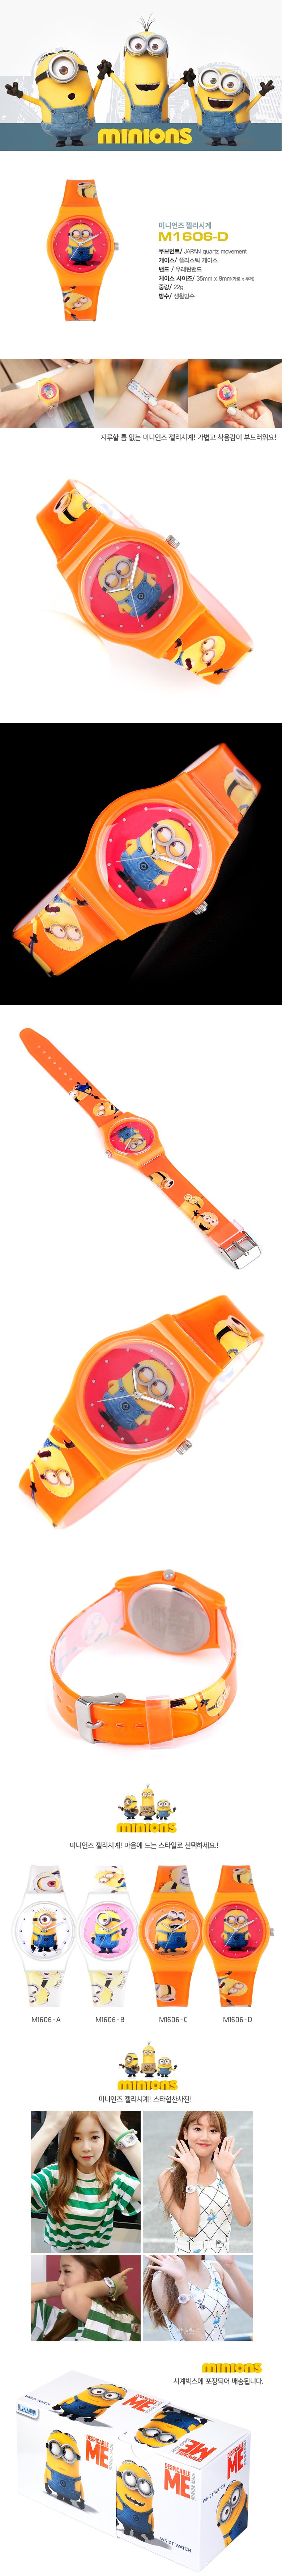 M1606-D (미니언즈시계)39,000원-미니언즈패션잡화, 손목시계, 브랜드시계, 공용바보사랑M1606-D (미니언즈시계)39,000원-미니언즈패션잡화, 손목시계, 브랜드시계, 공용바보사랑